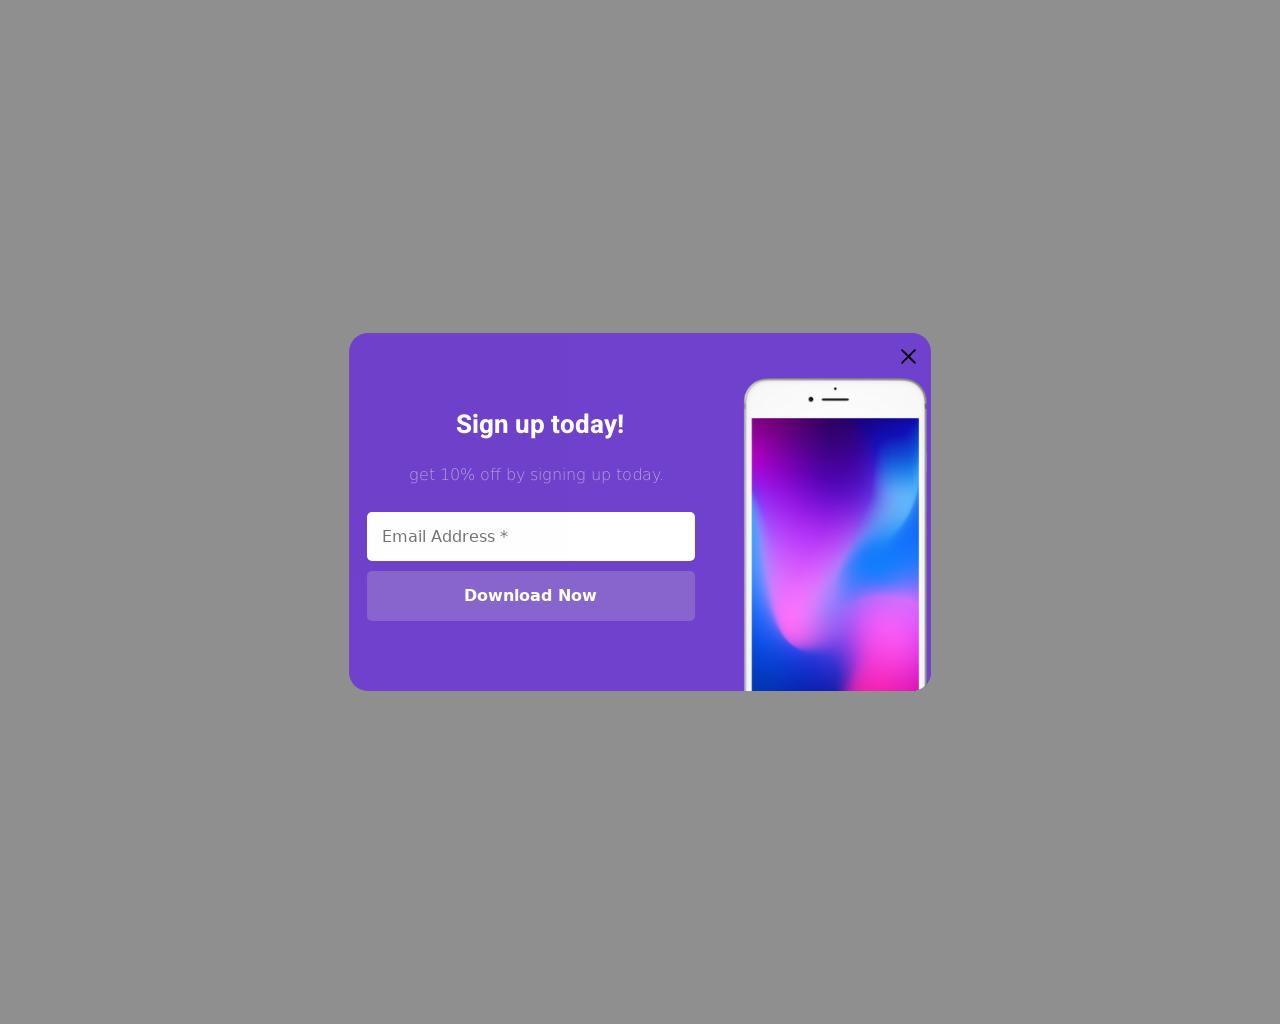 App Download - popups